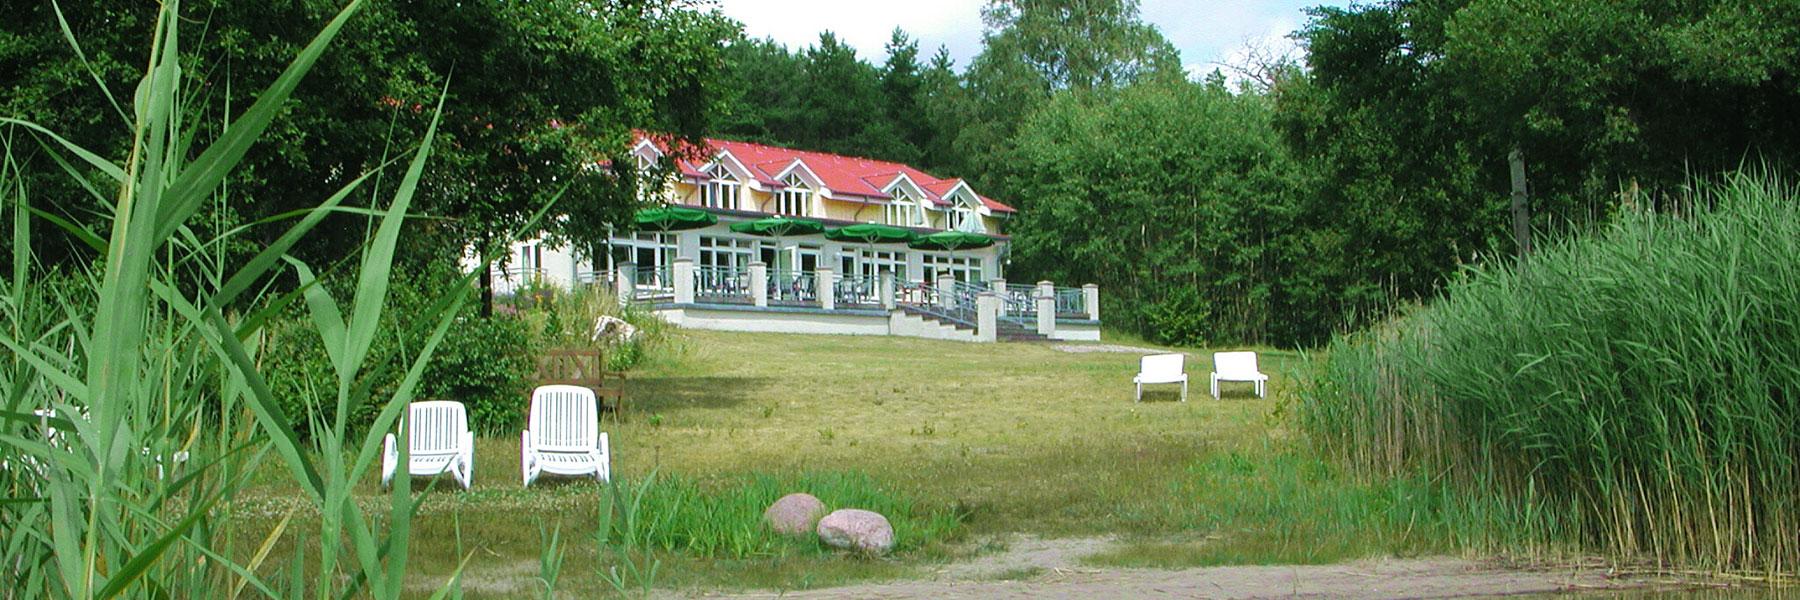 Außenansicht - KIWI Ferienwohnungen am Dreier See